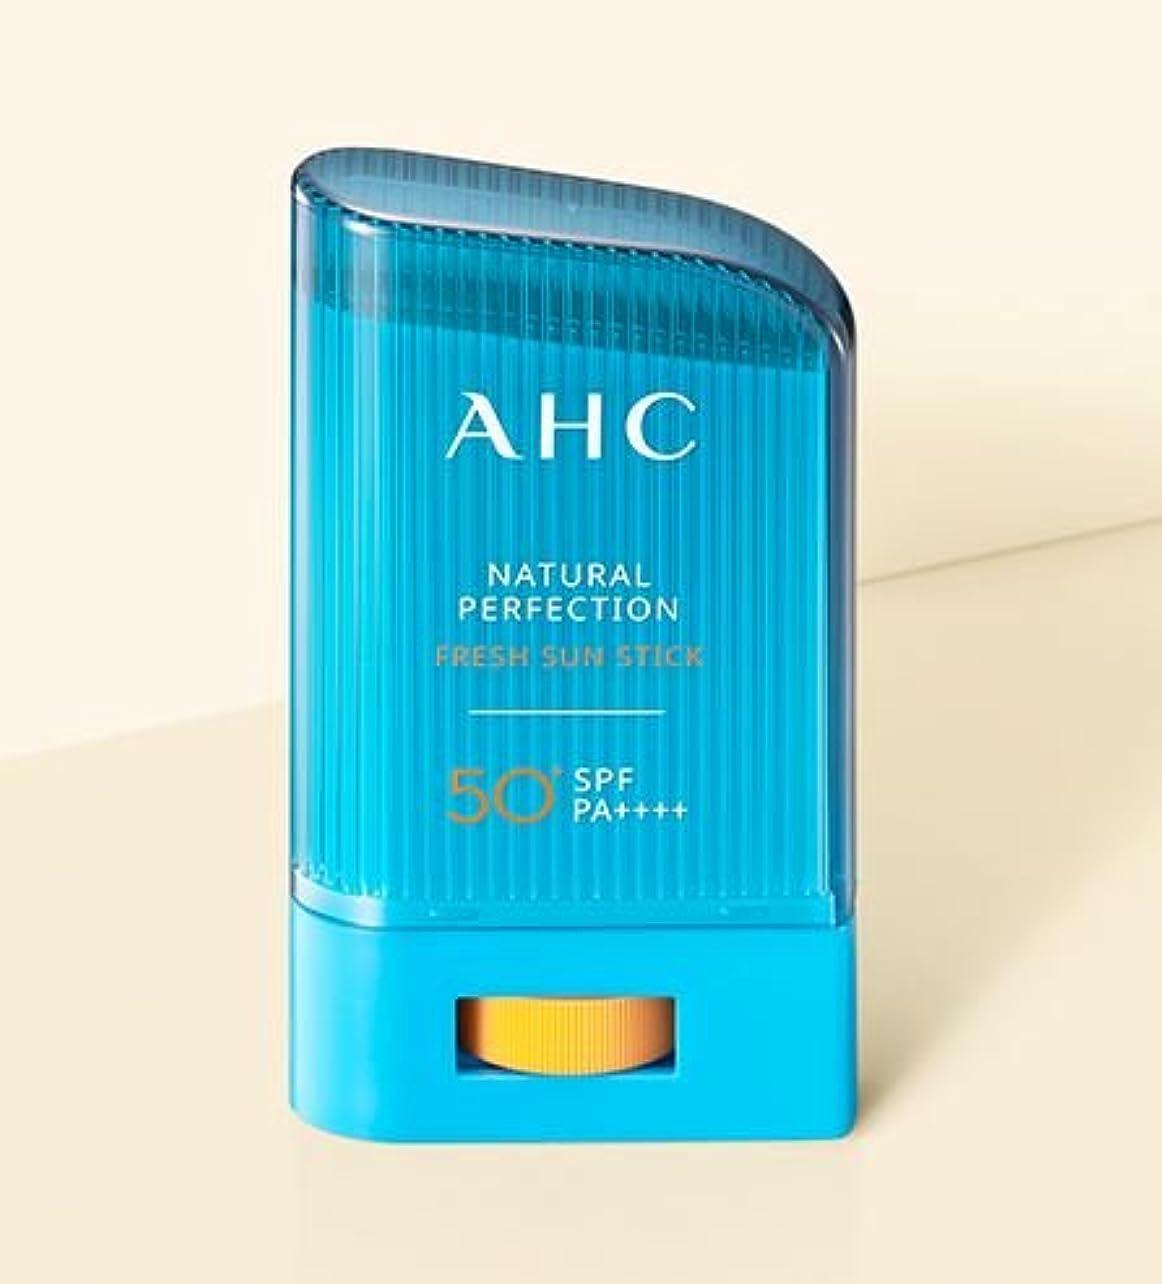 降伏ガレージ熱AHC Natural perfection fresh sun stick (22g) [並行輸入品]